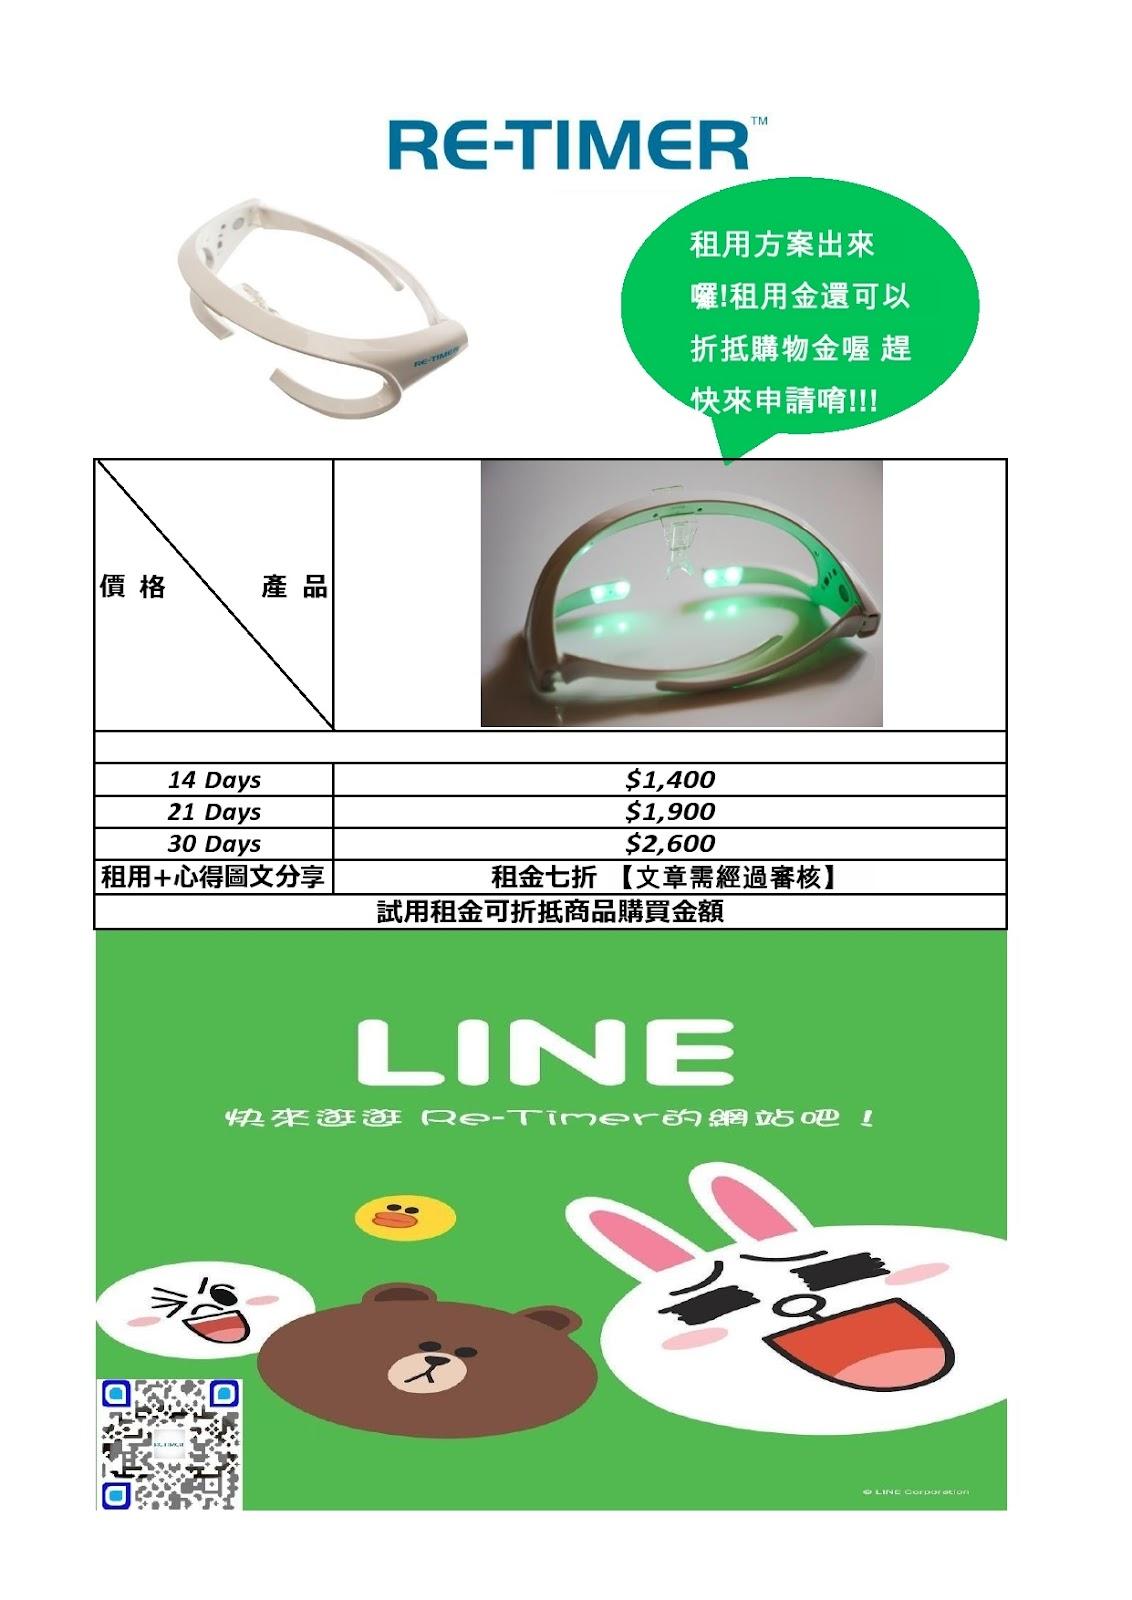 華南銀行 代碼:008  帳號:112101117881 (匯款後電話通知服務人員)  租金折抵不適用任何優惠活動價格